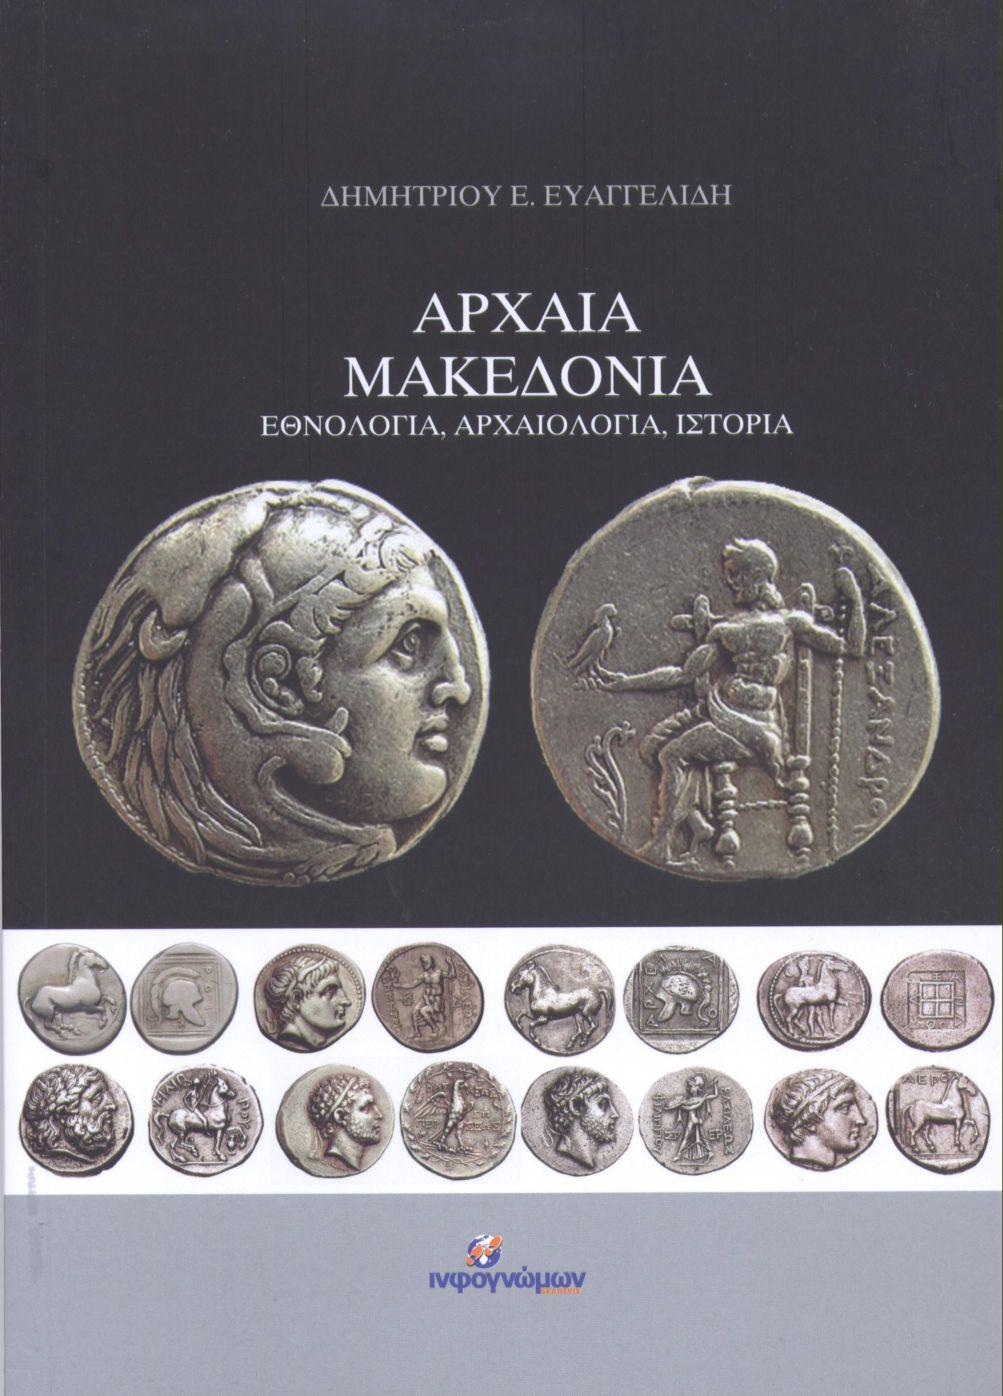 %CE%94%CE%95%CE%95+%CE%91%CF%81%CF%87%CE%B1%CE%AF%CE%B1+%CE%9C%CE%B1%CE%BA%CE%B5%CE%B42 Παρουσίαση του βιβλίου του Δημητρίου Ε. Ευαγγελίδη «Αρχαία Μακεδονία: Εθνολογία, Αρχαιολογία, Ιστορία»